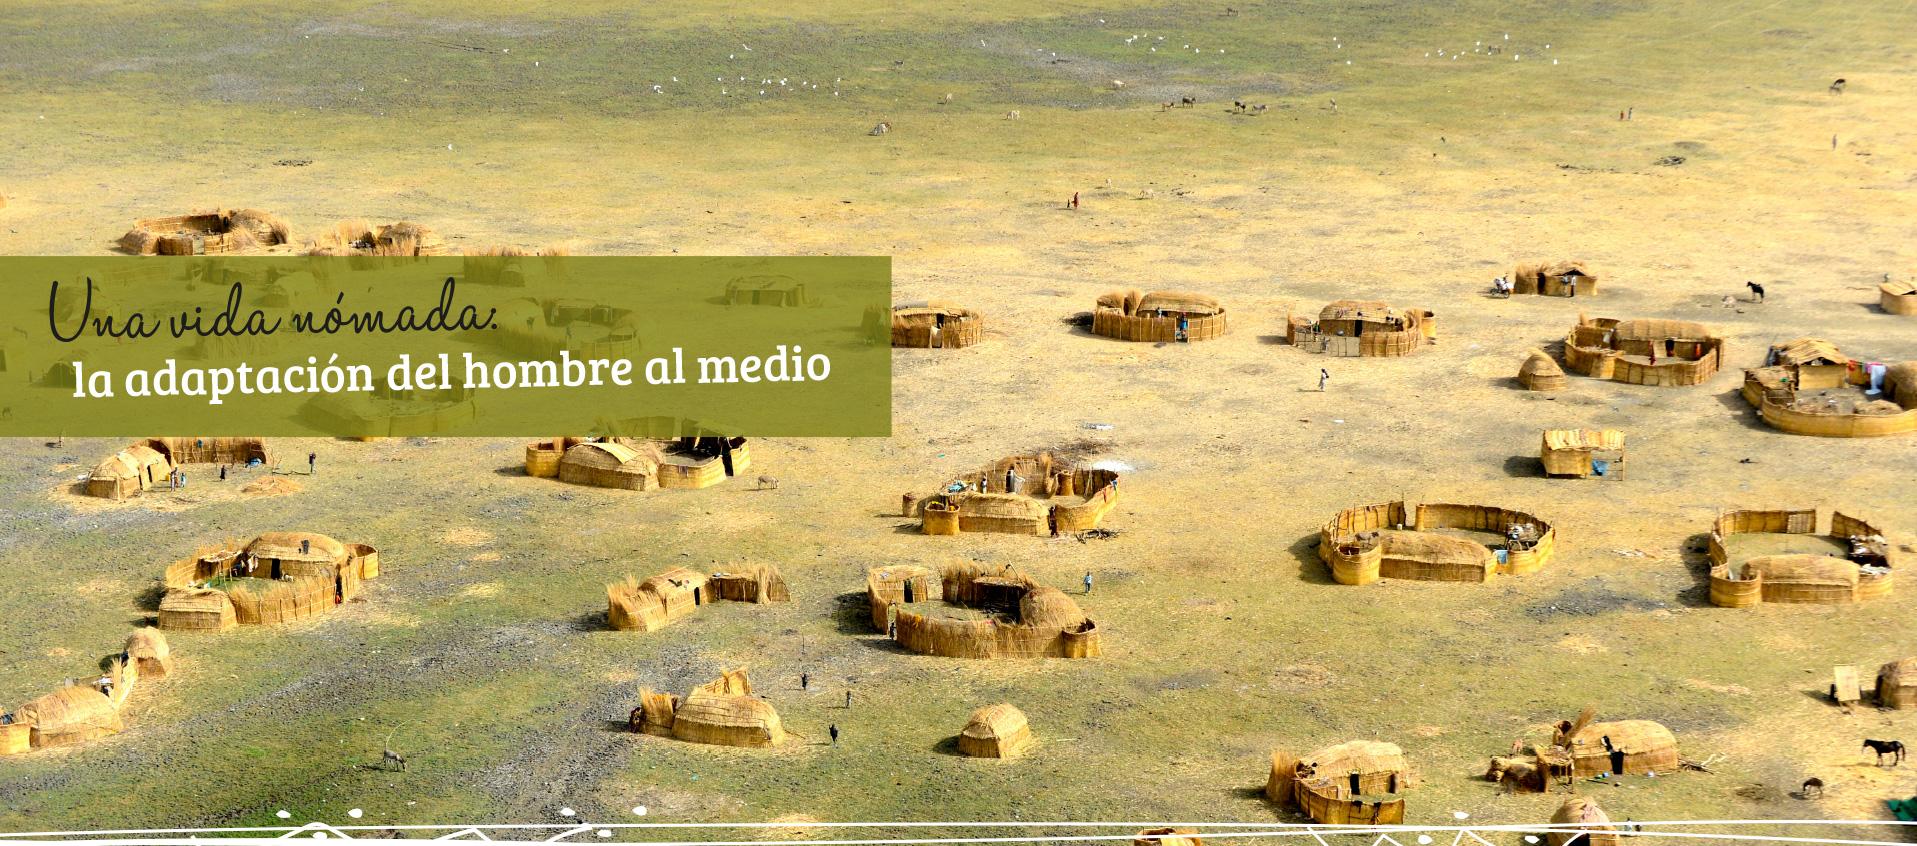 Una vida nómada: la adaptación del hombre al medio